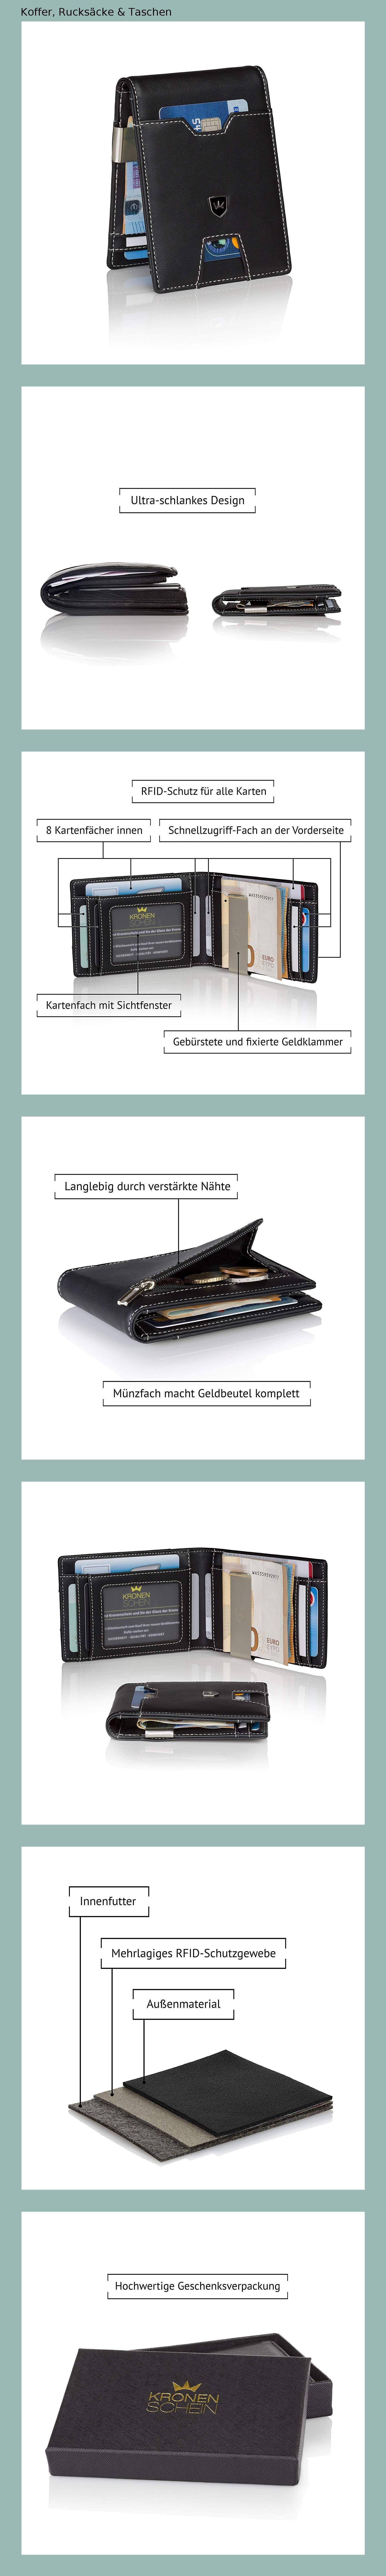 675627f95cbaa Kronenschein Premium Herren Geldbörse mit Geldklammer Portemonnaie Männer  schlank Geldbeutel RFID Brieftasche Slim-Wallet Geldtasche